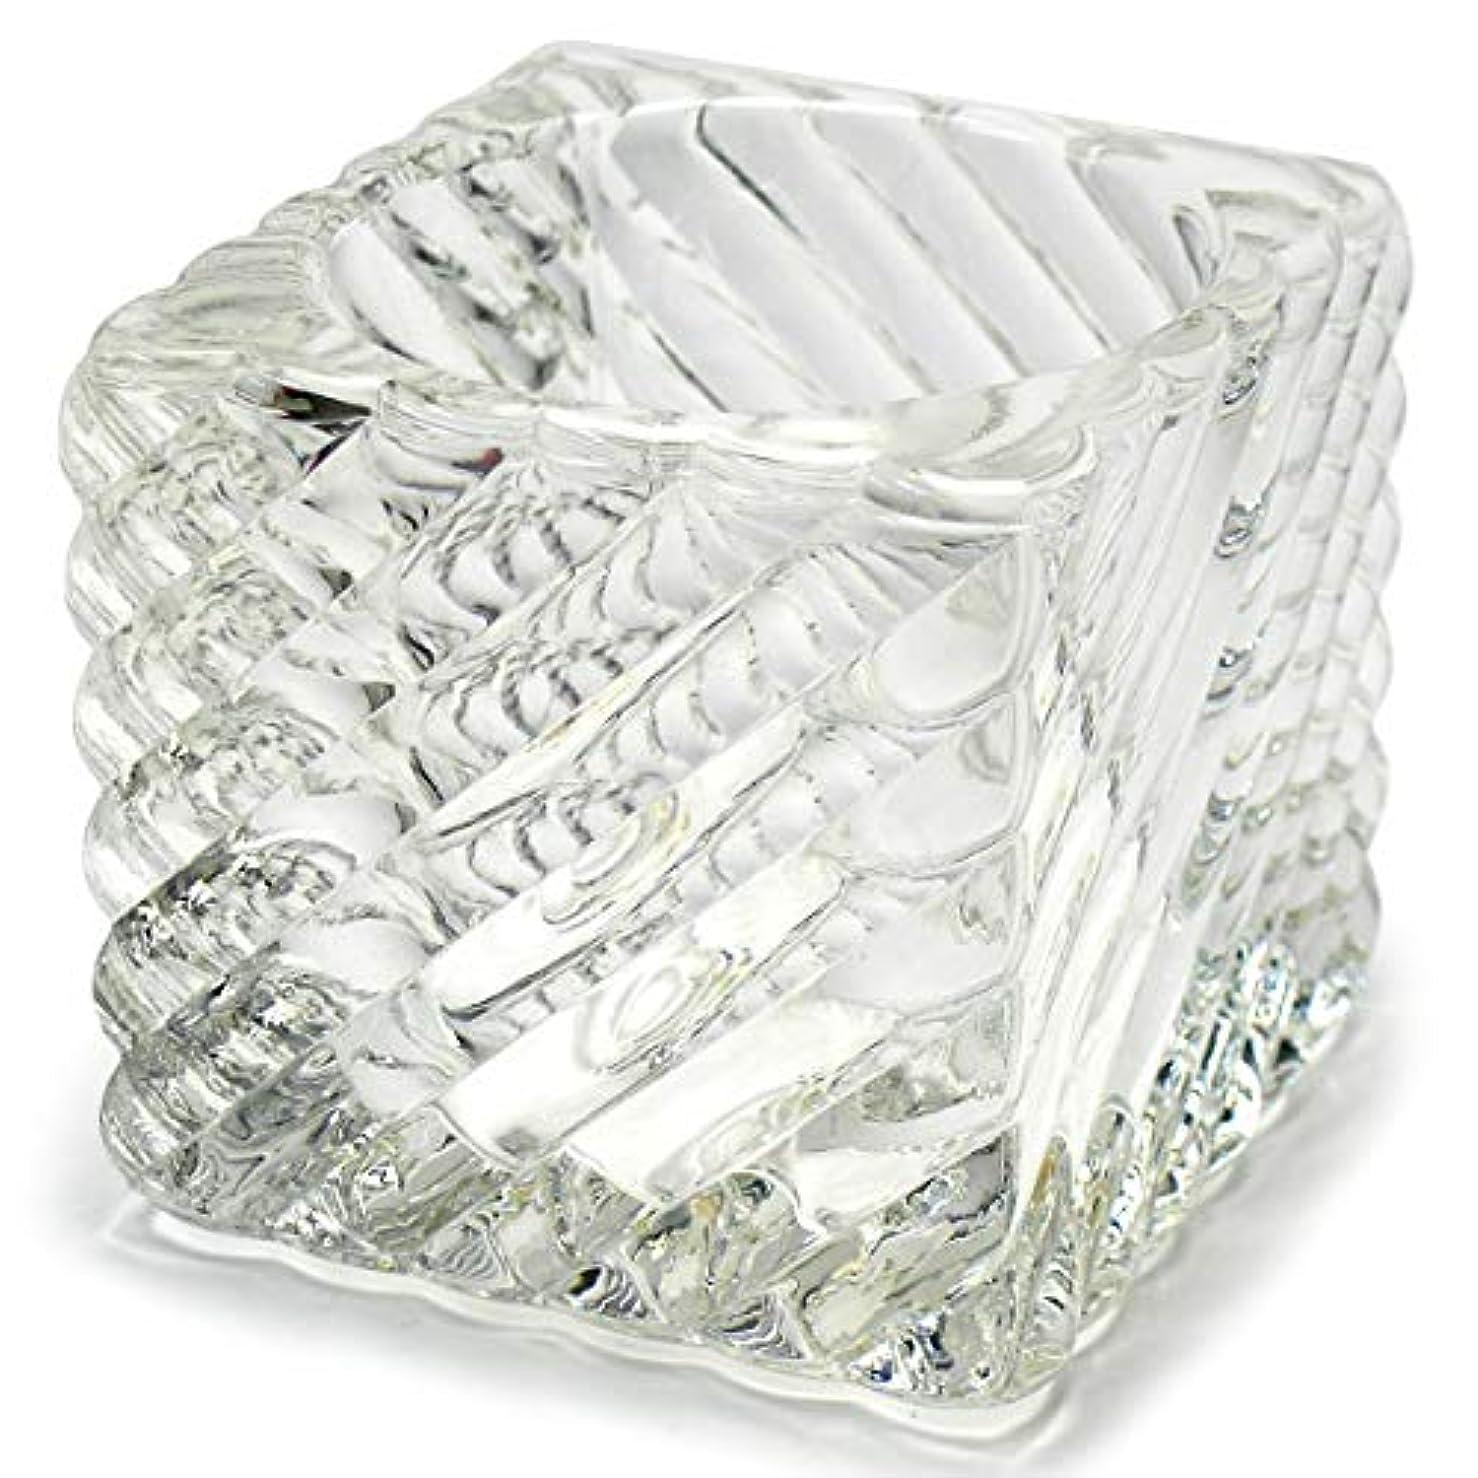 頂点鉱石シネウィキャンドルホルダー ガラス 1 キャンドルスタンド クリスマス ティーキャンドル 誕生日 記念日